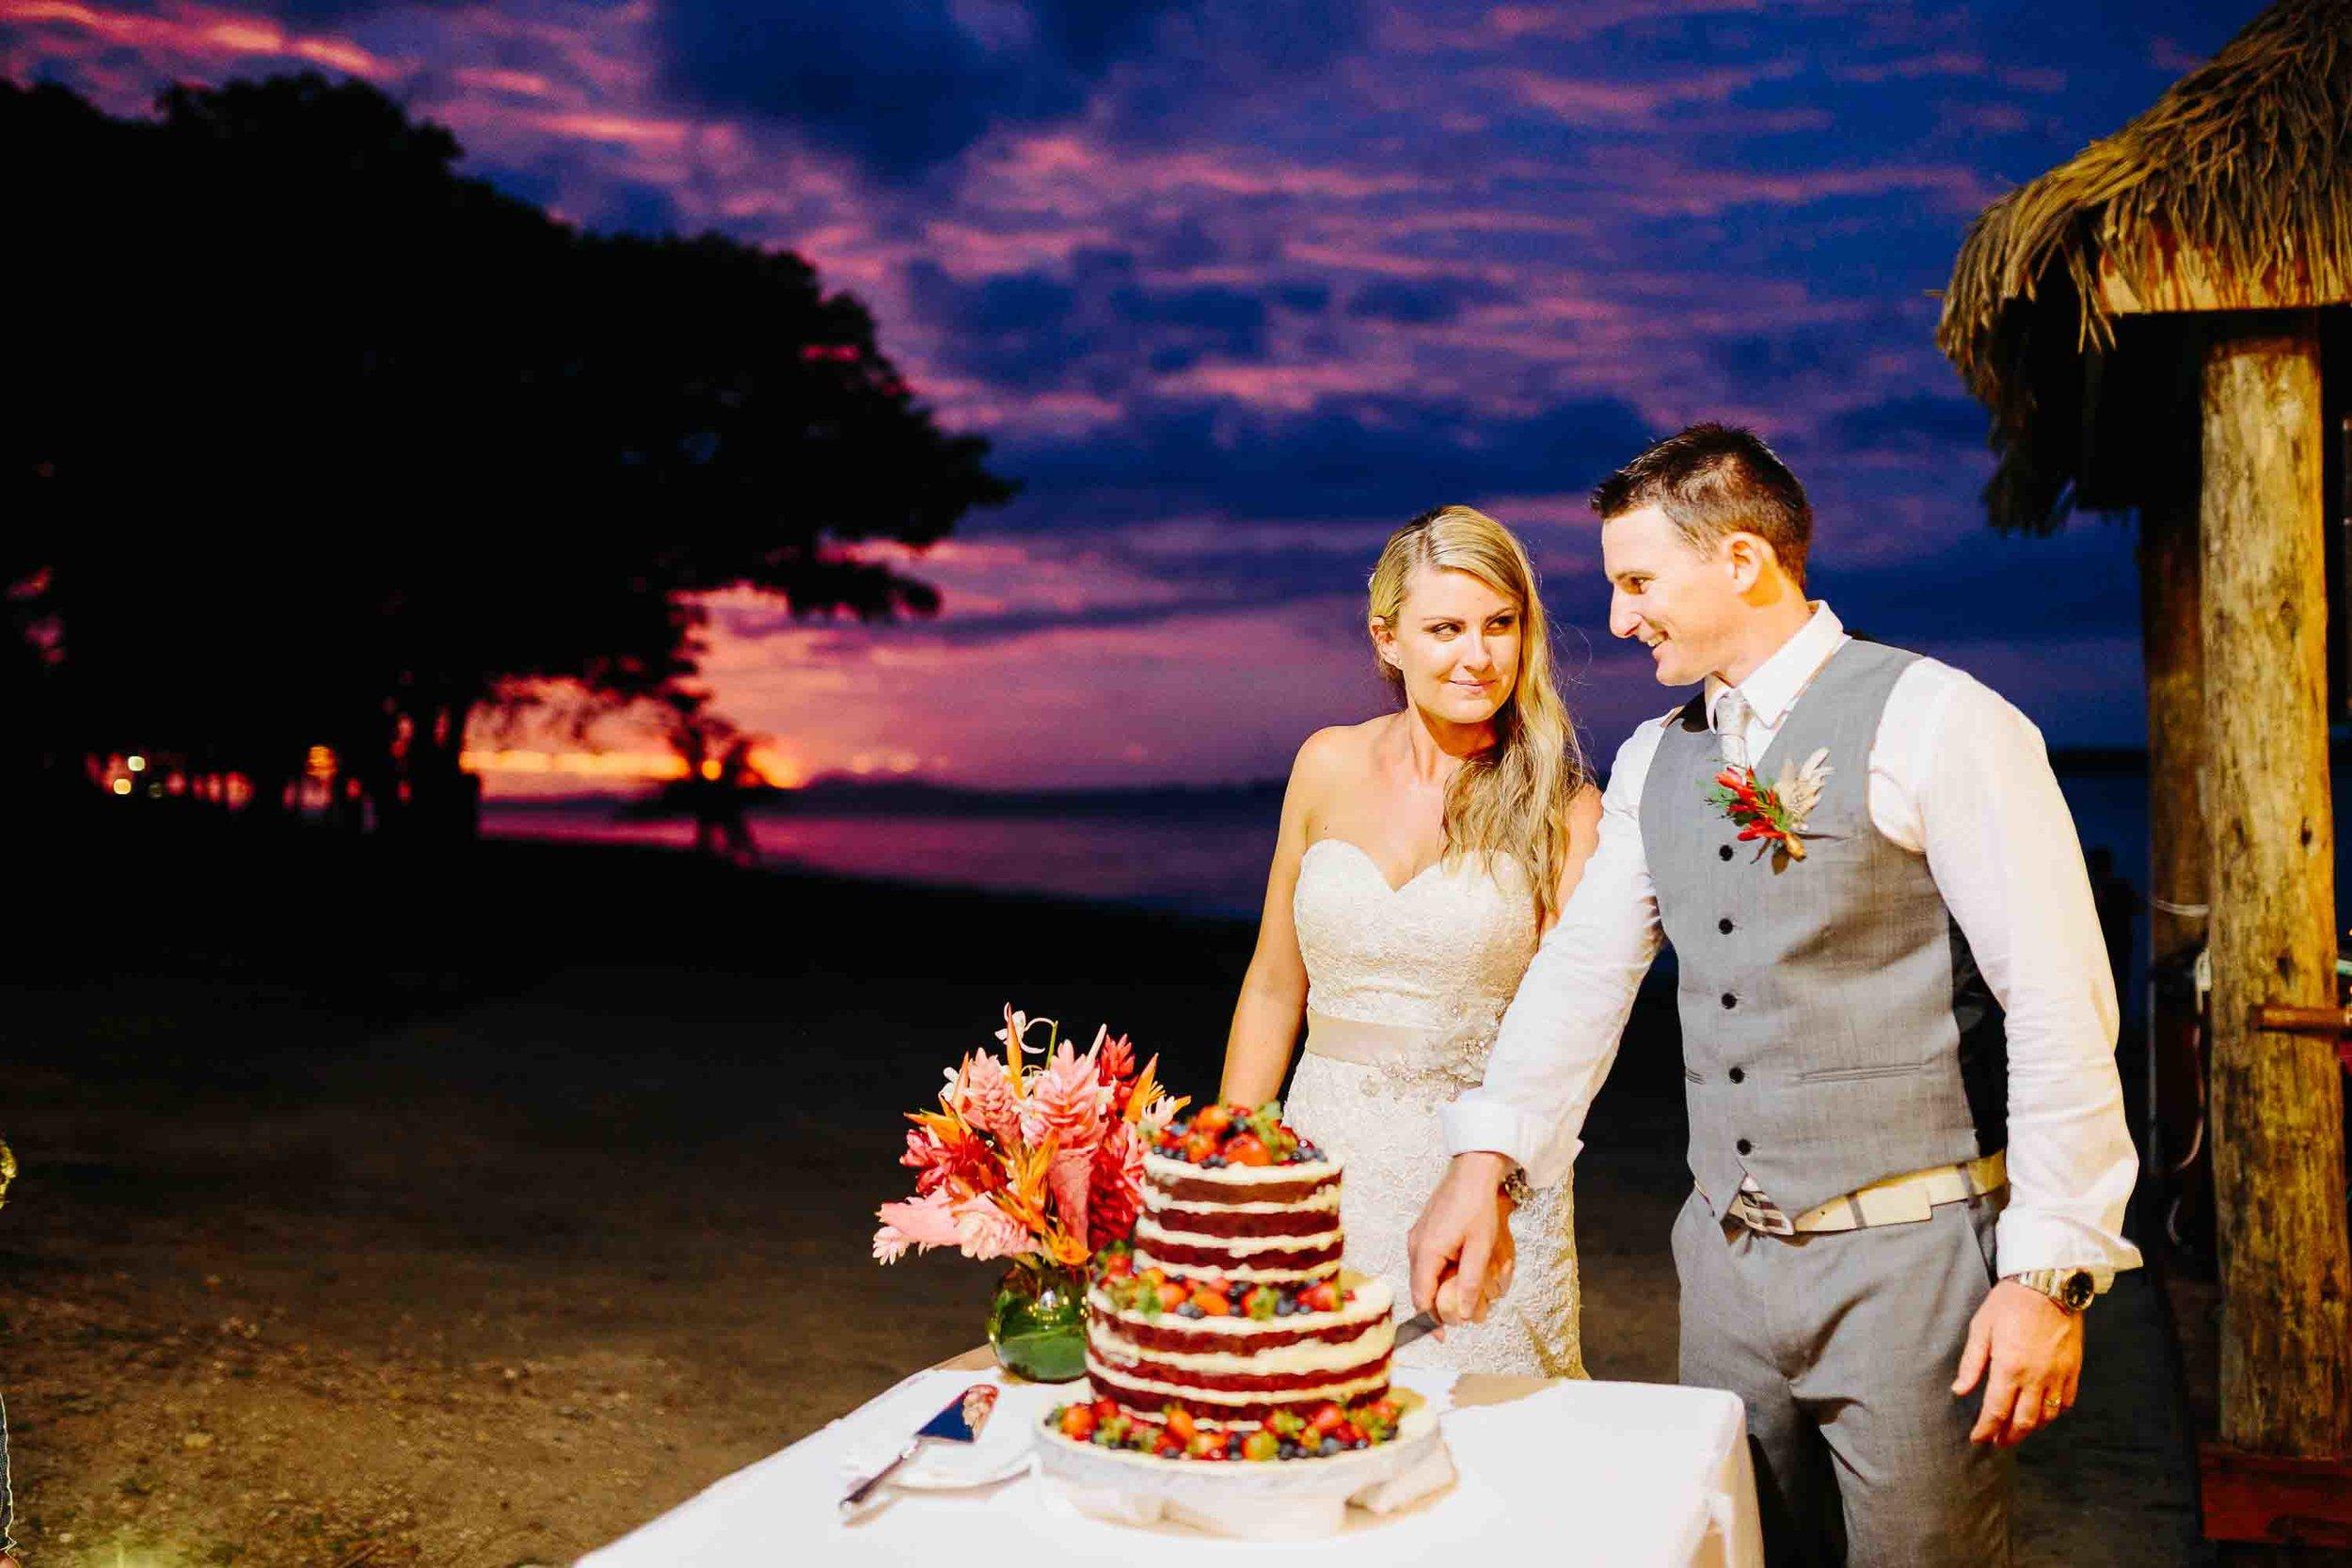 44-Annette-Andrew-Sofitel-Fiji-Wedding-52.jpg